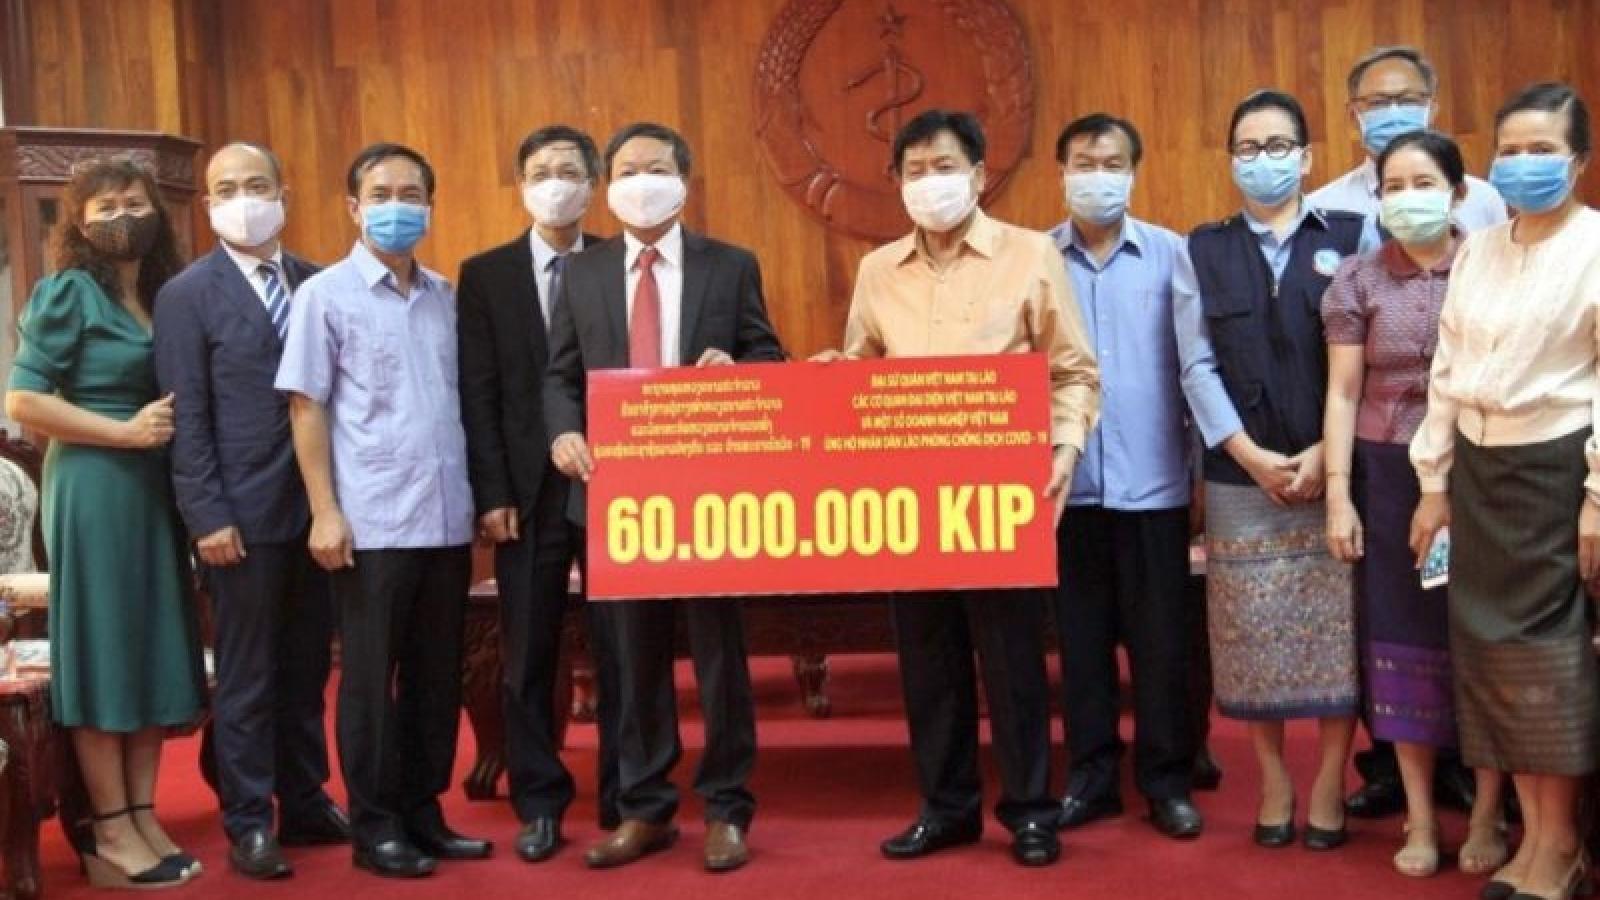 Đại sứ quán Việt Nam trao tiền hỗ trợ Lào chống dịch Covid-19